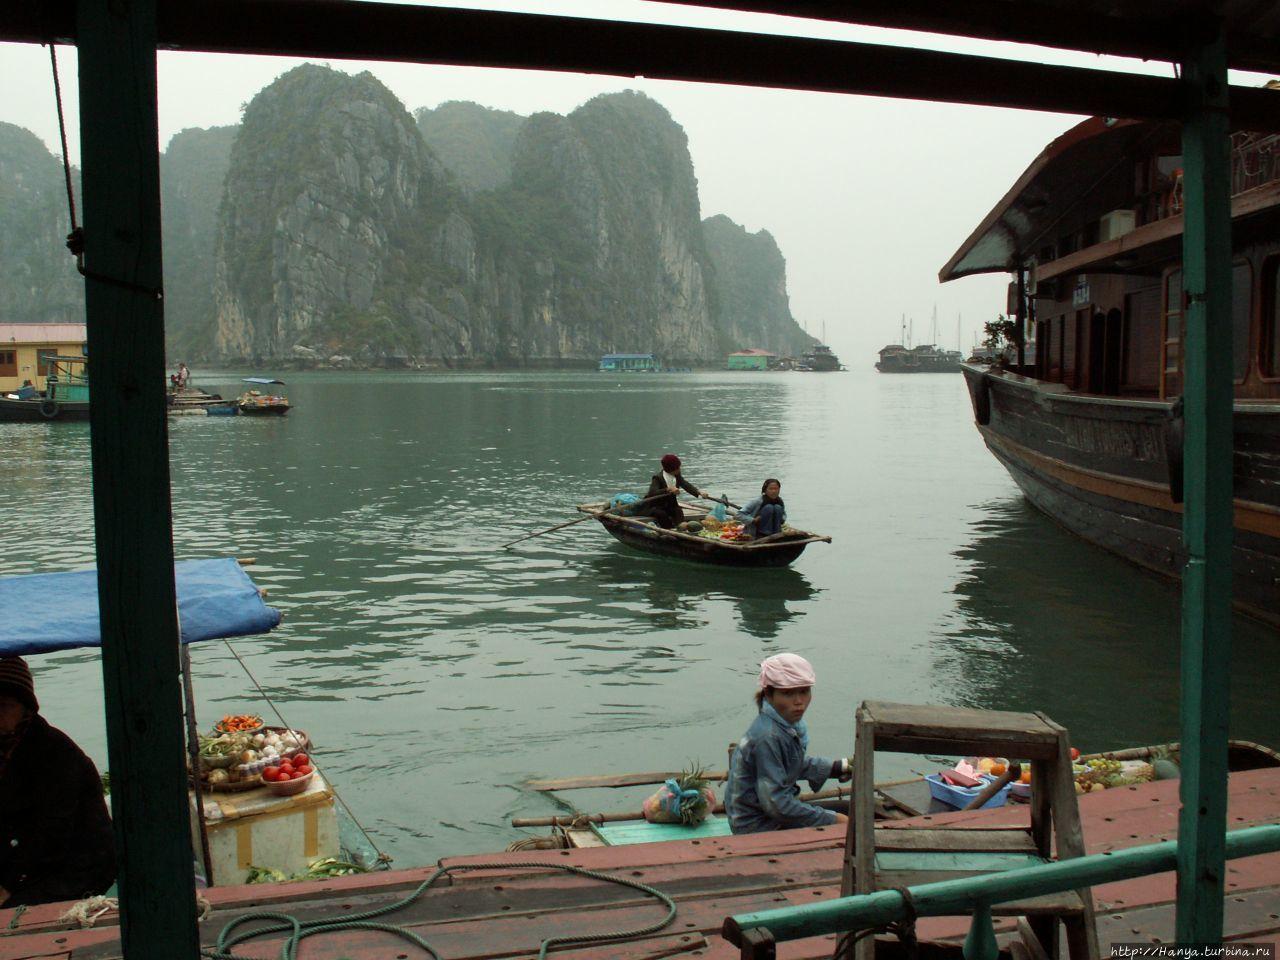 Бухта Халонг, пещерные гроты, плавучий рынок и обед. Часть 6 Халонг бухта, Вьетнам